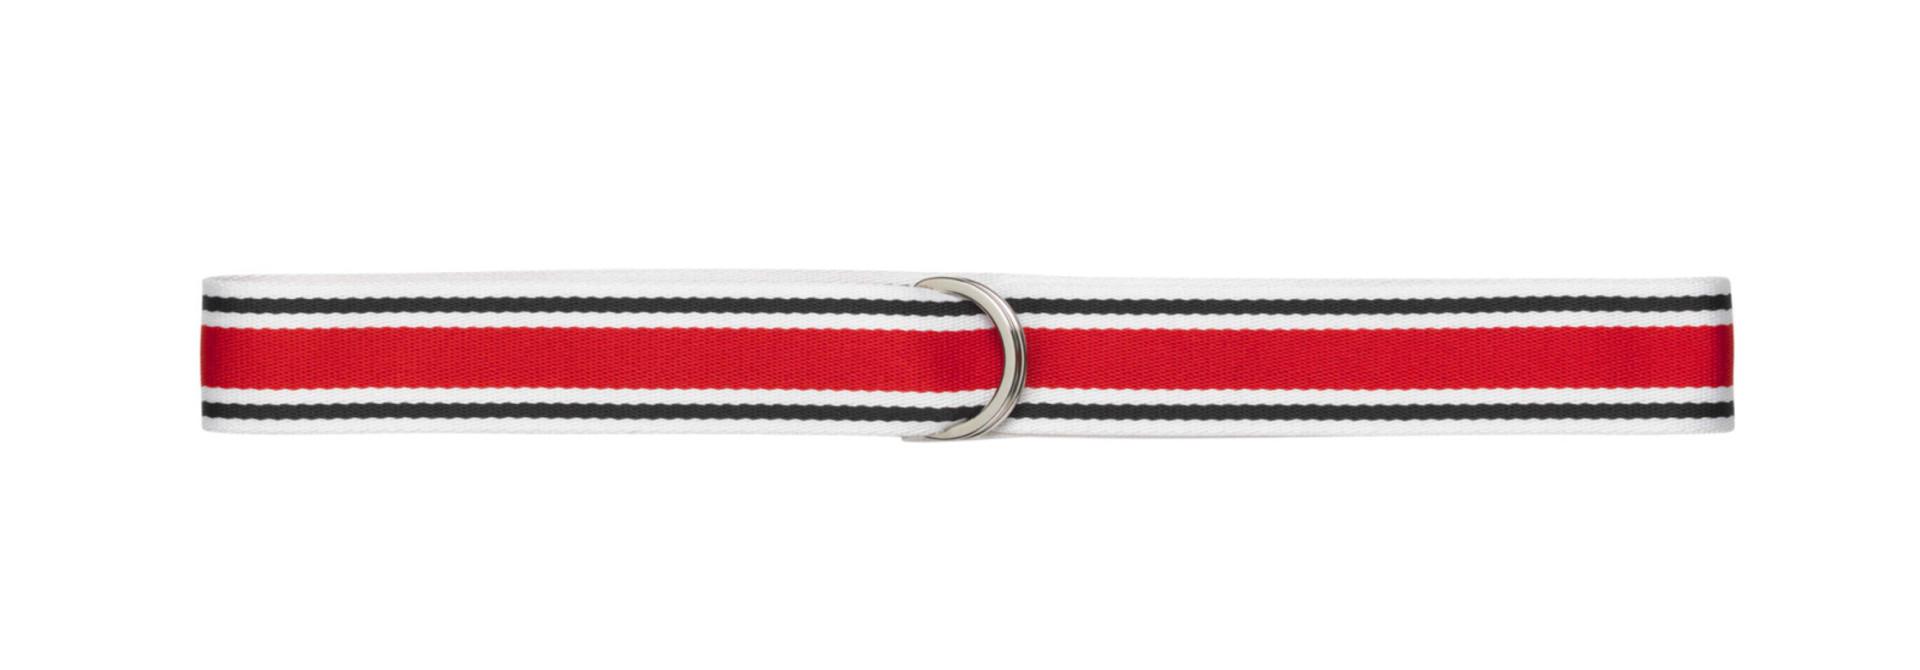 Regent Unisex Belt Red White Blue